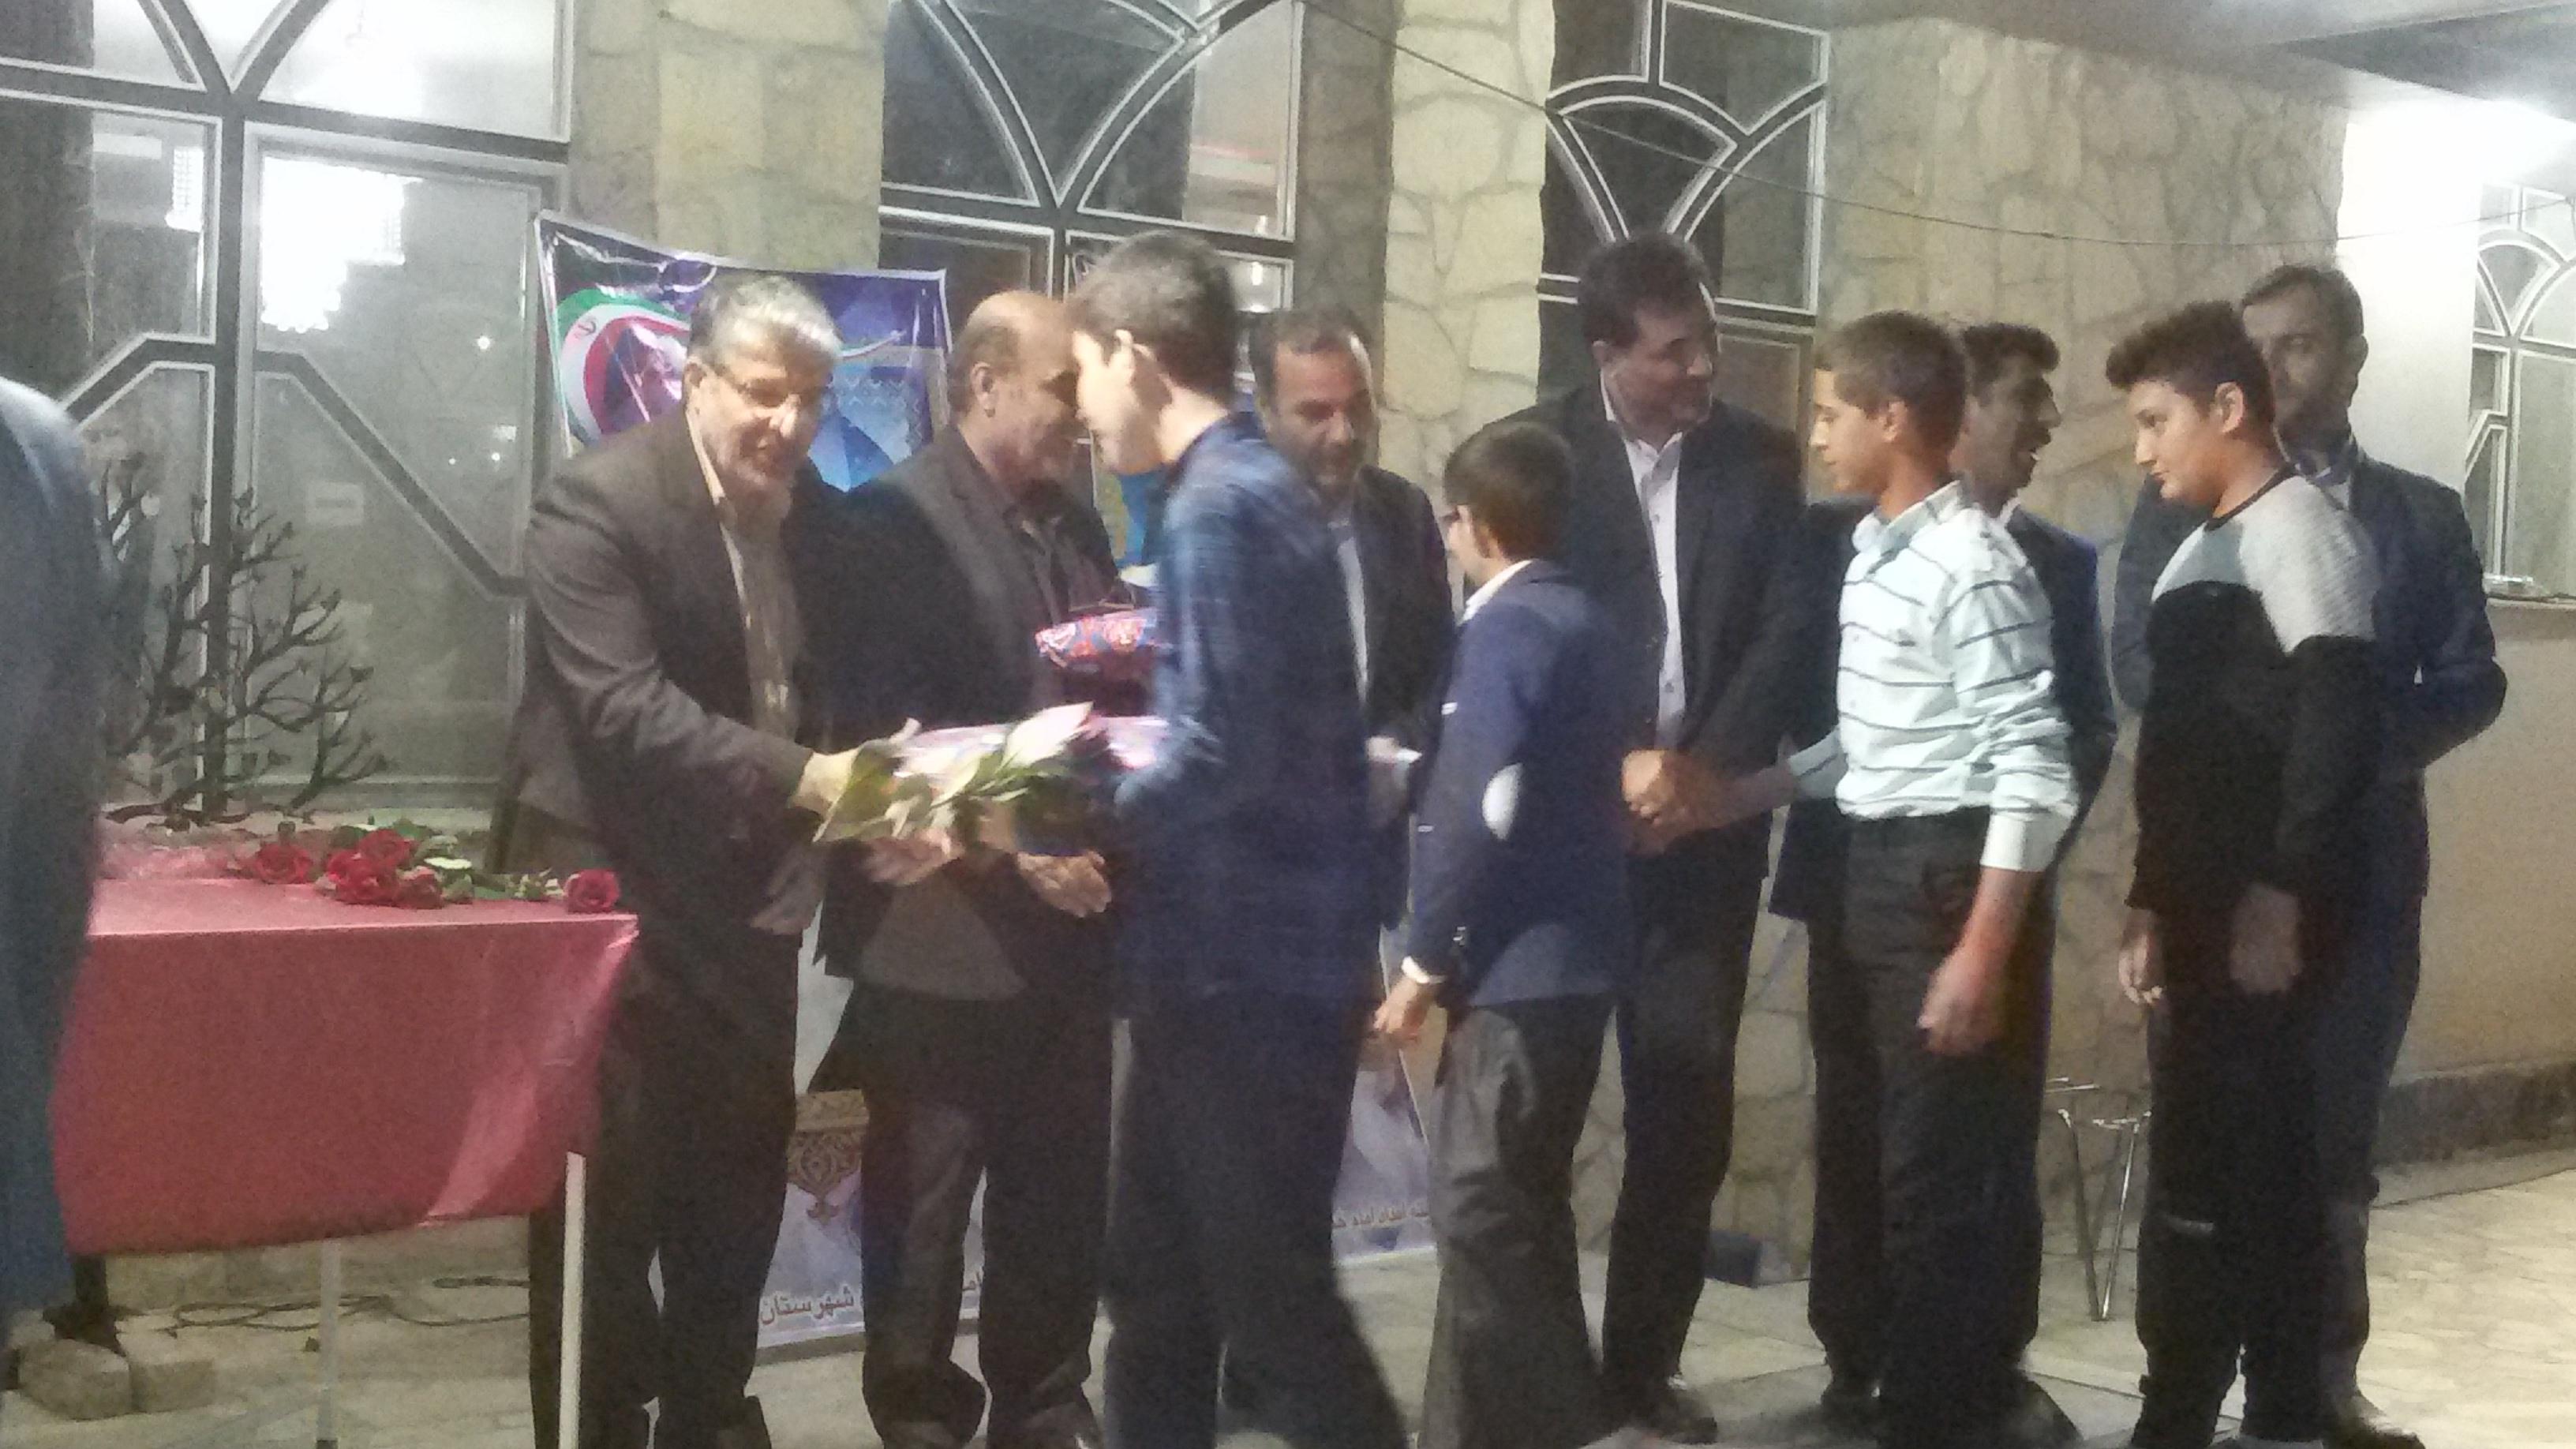 """۵۰ آرزوی ایتام در مراسم """"شب آرزوها"""" در فلاورجان برآورده شد/اهدای جهیزیه به ۷نوعروس خانواده ایتام ومحسنین"""